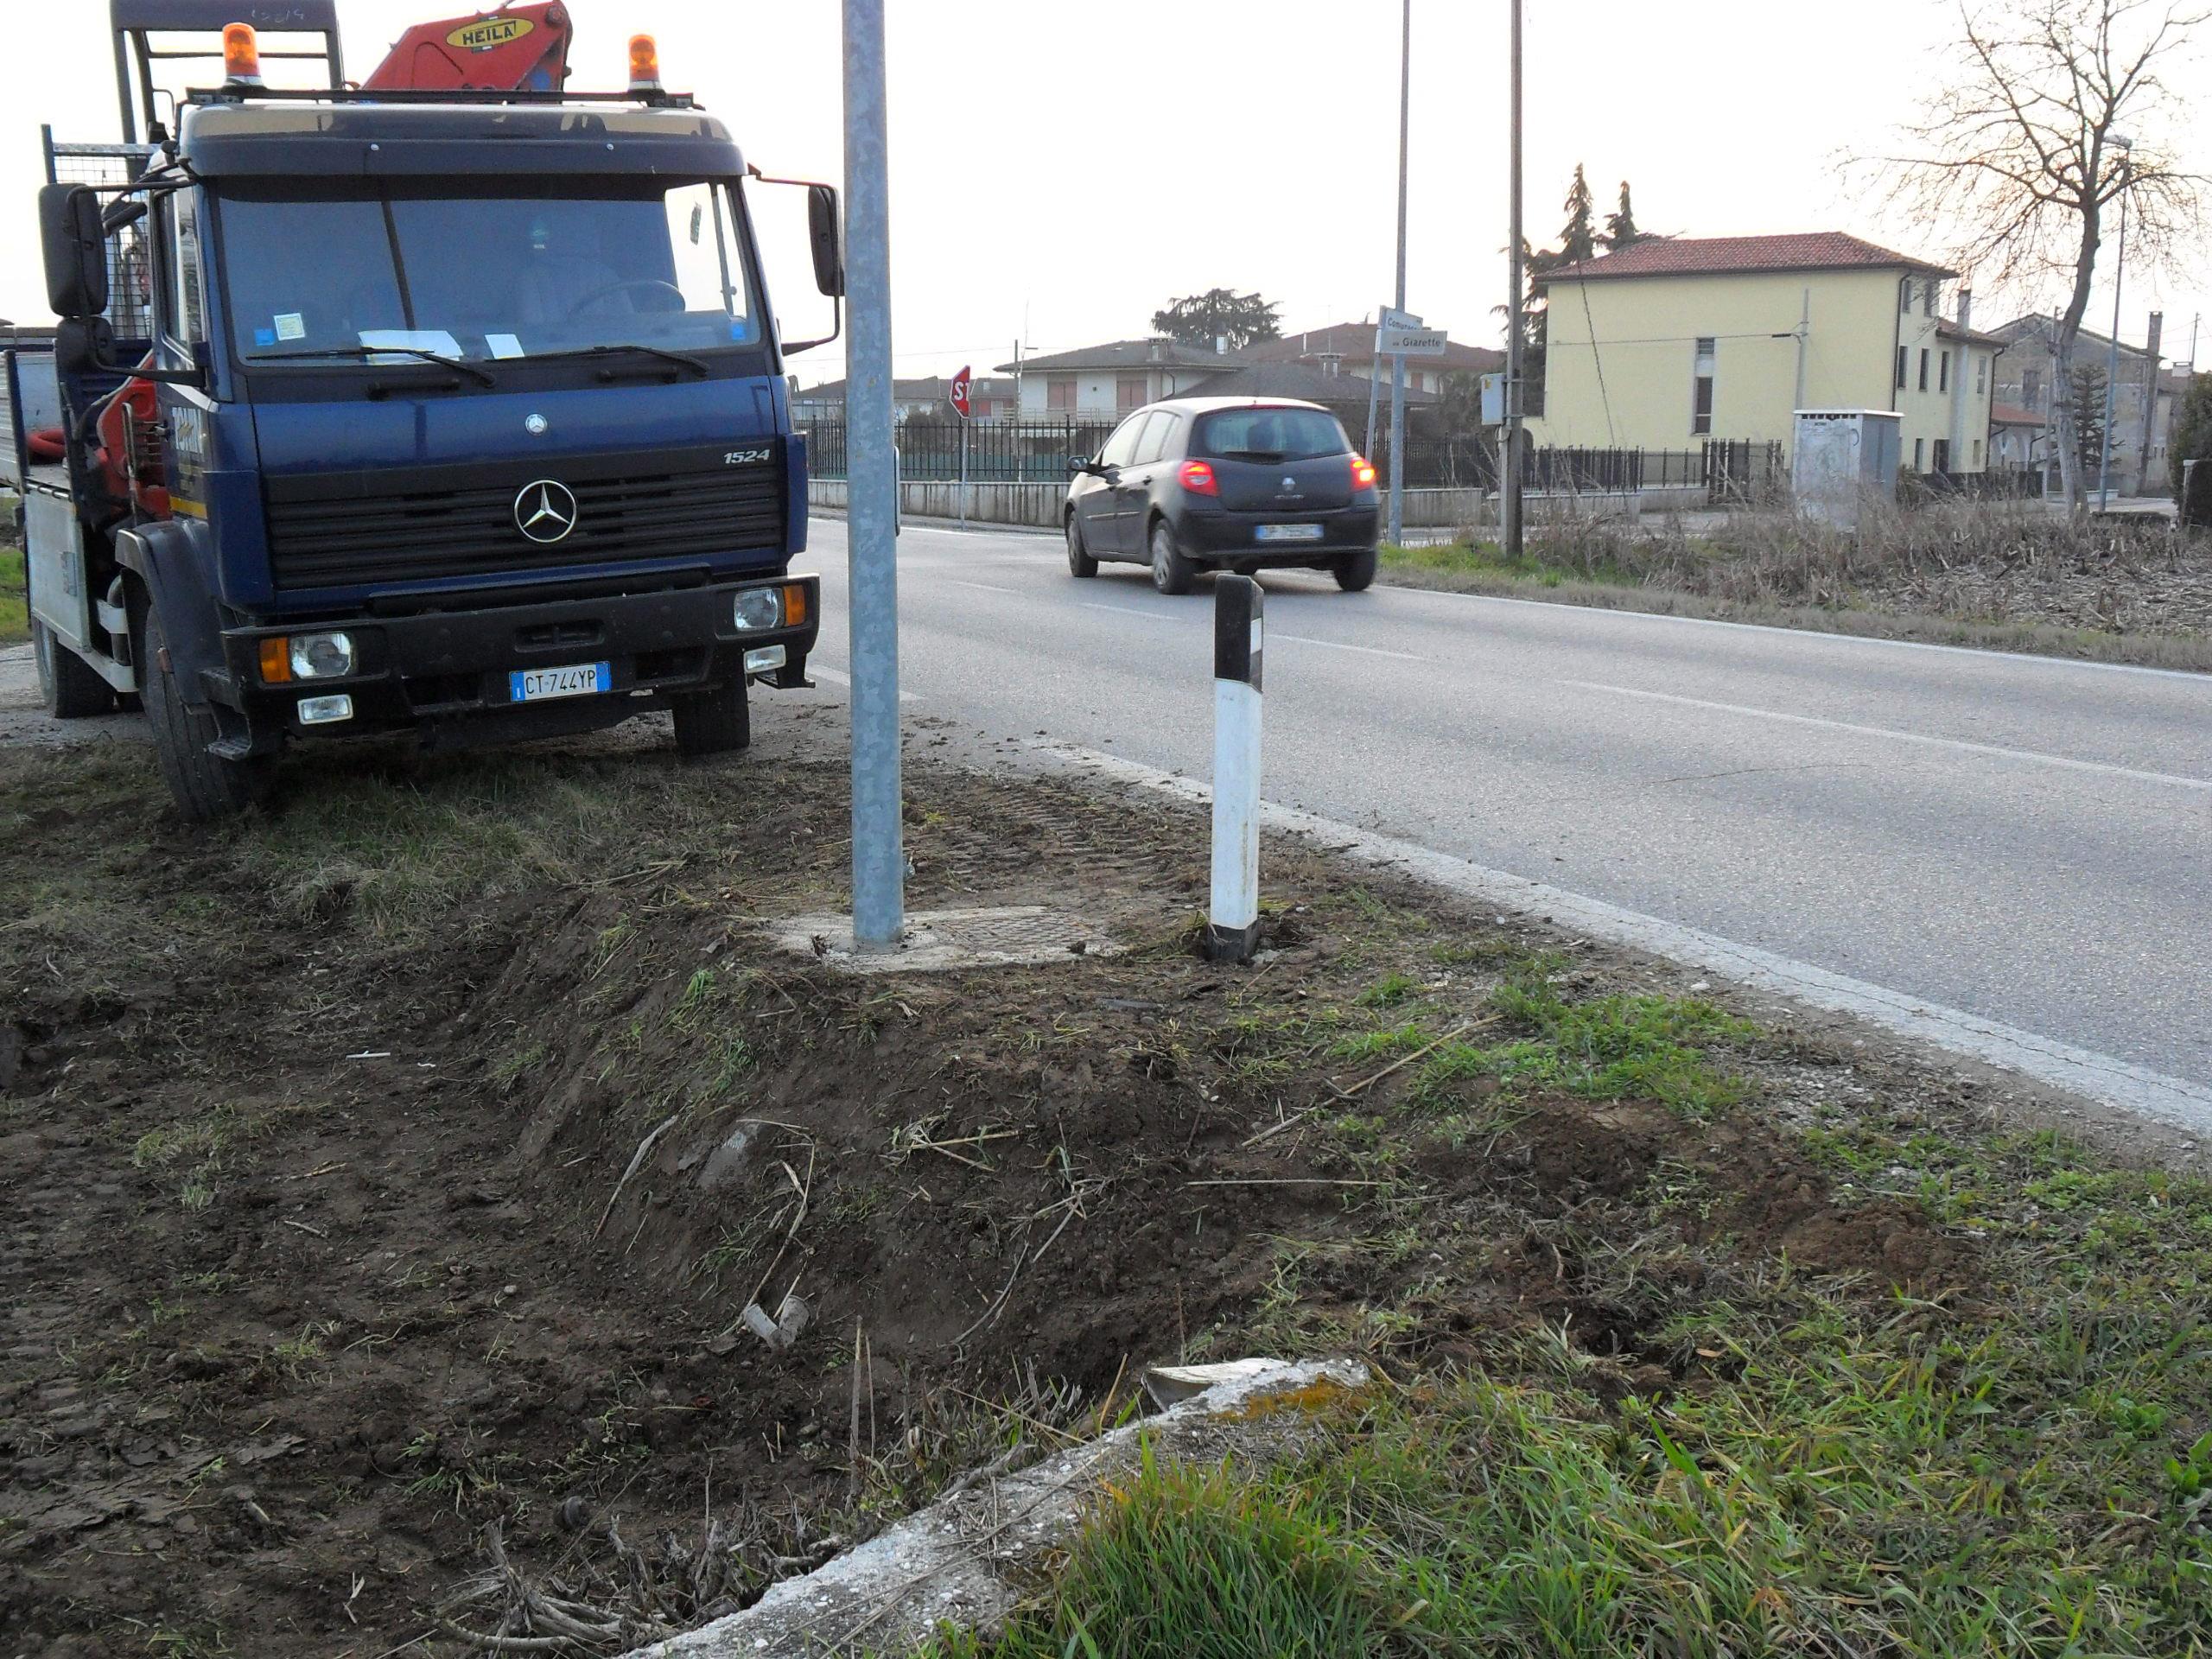 01 Incidente Via Giarette-Via Pastrozzo